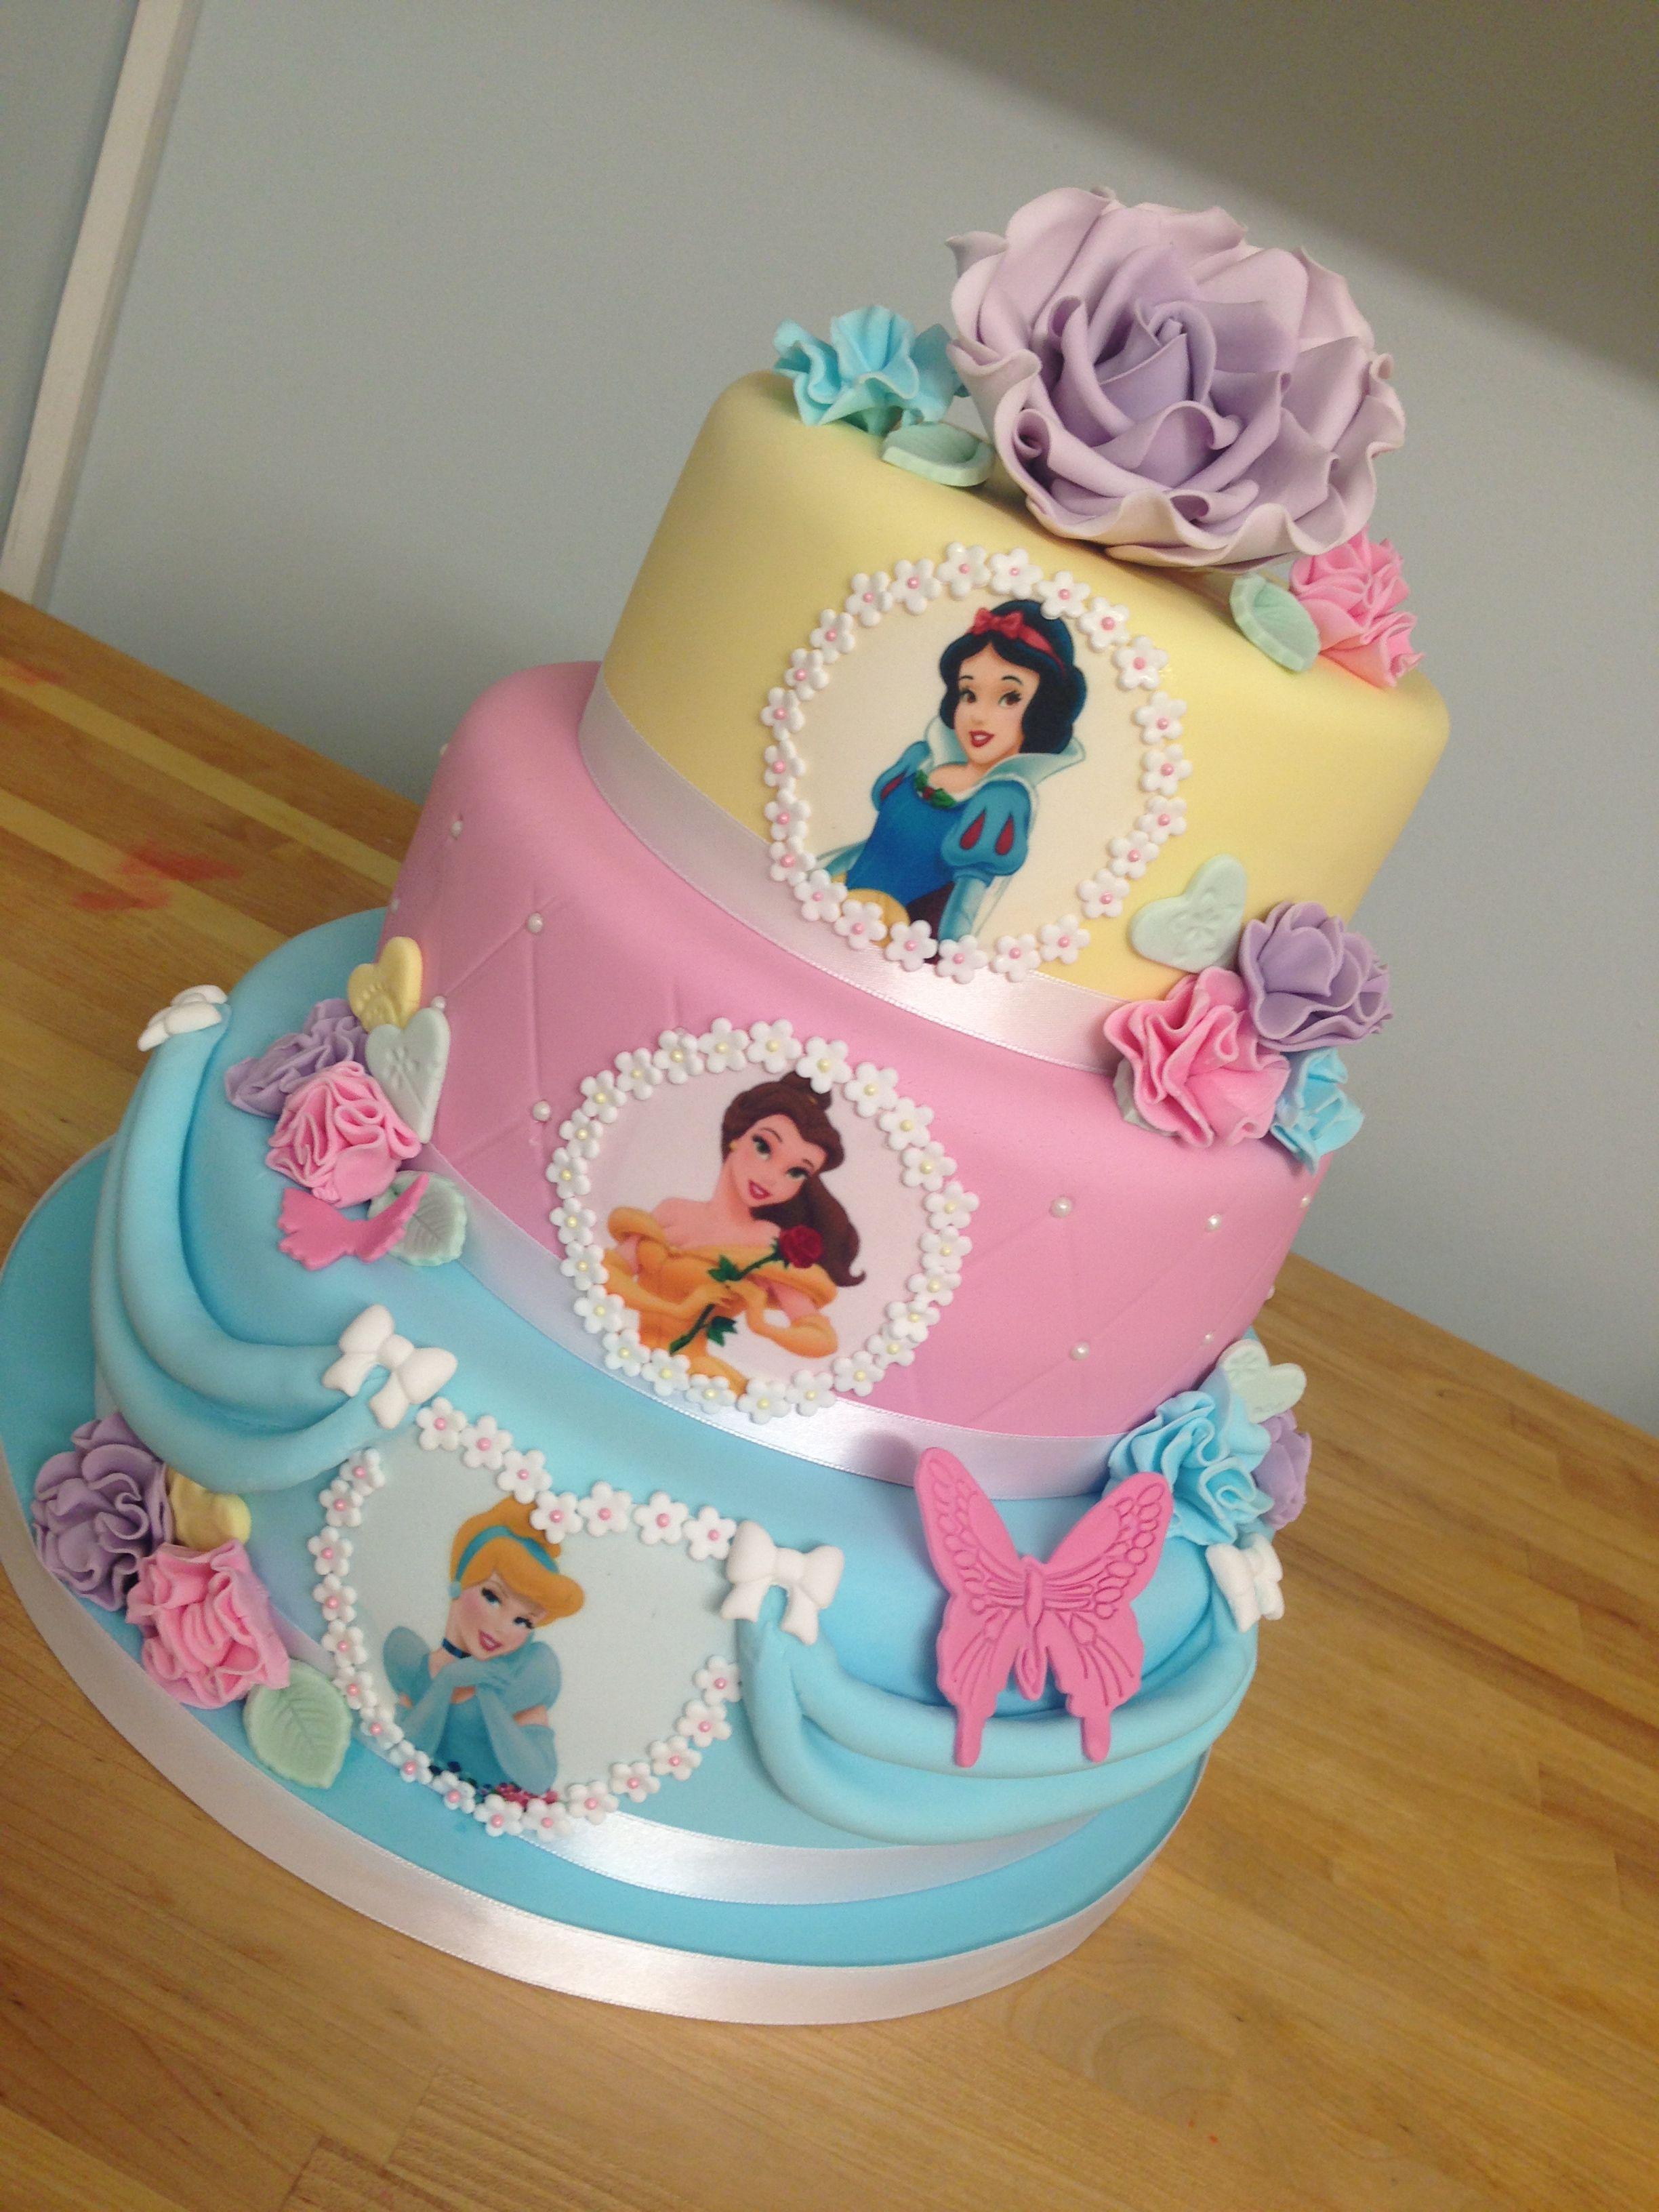 3 Tier Pastel Princess Cake With Handmade Rose